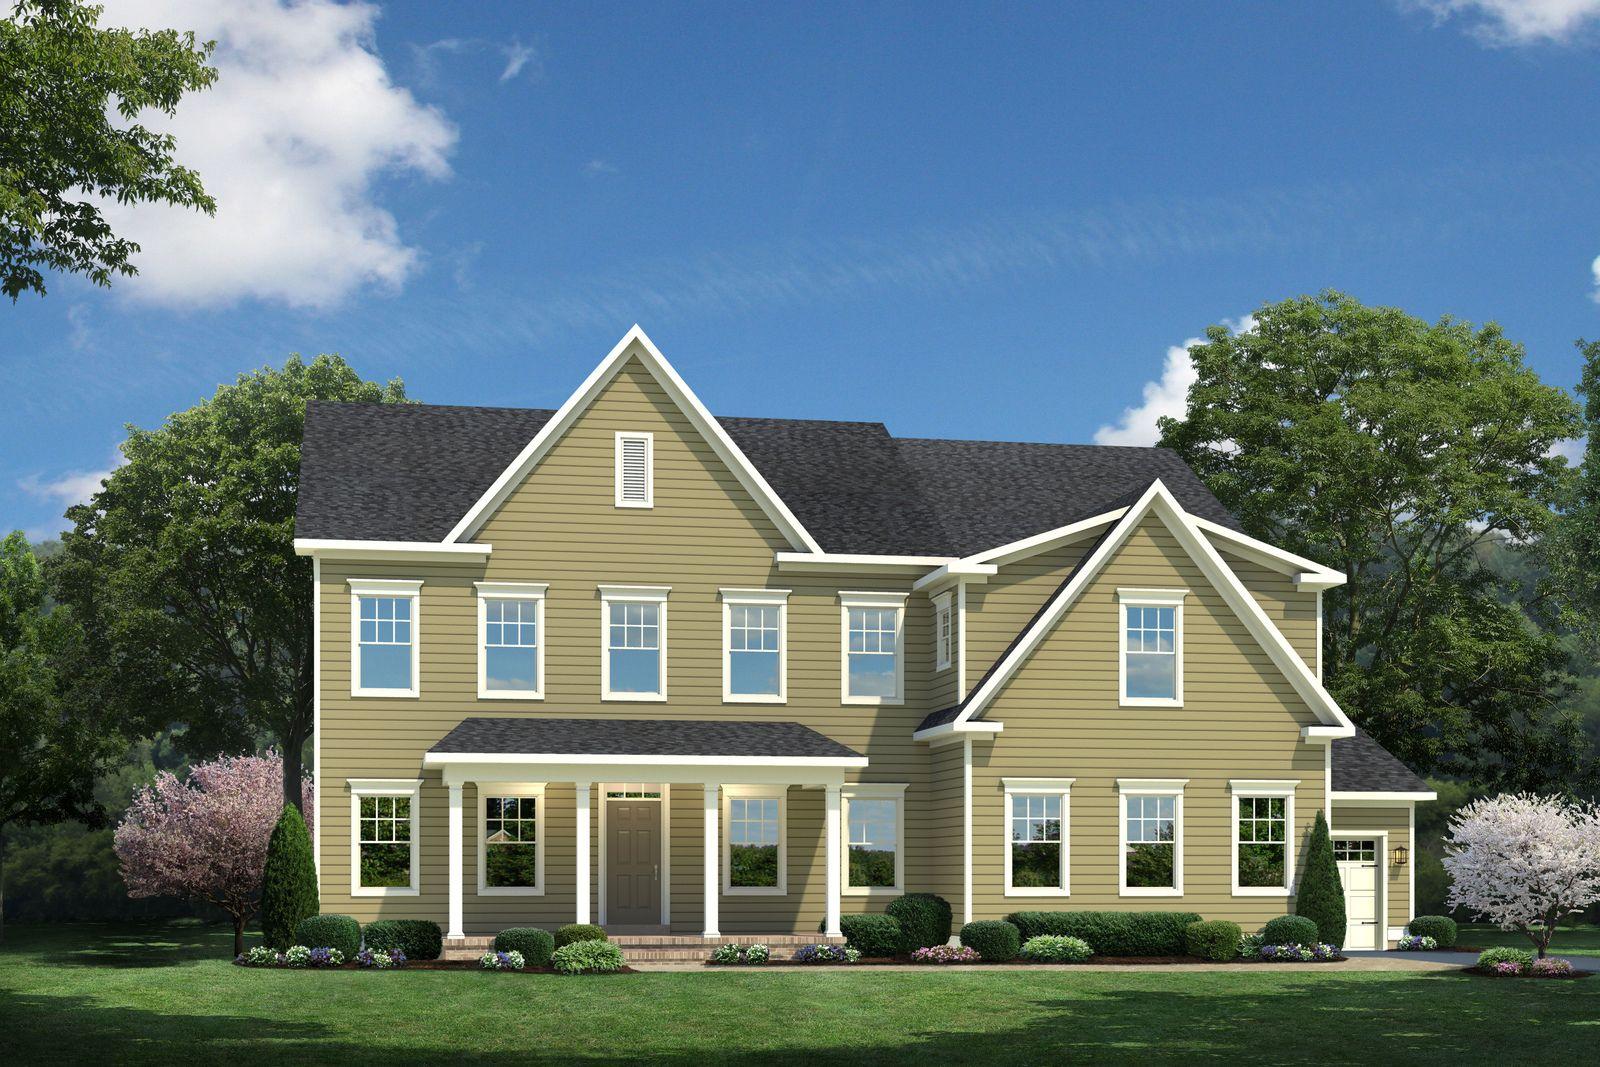 Corsica at Potomac Shores-Design-at-Potomac Shores Estates-in-Dumfries